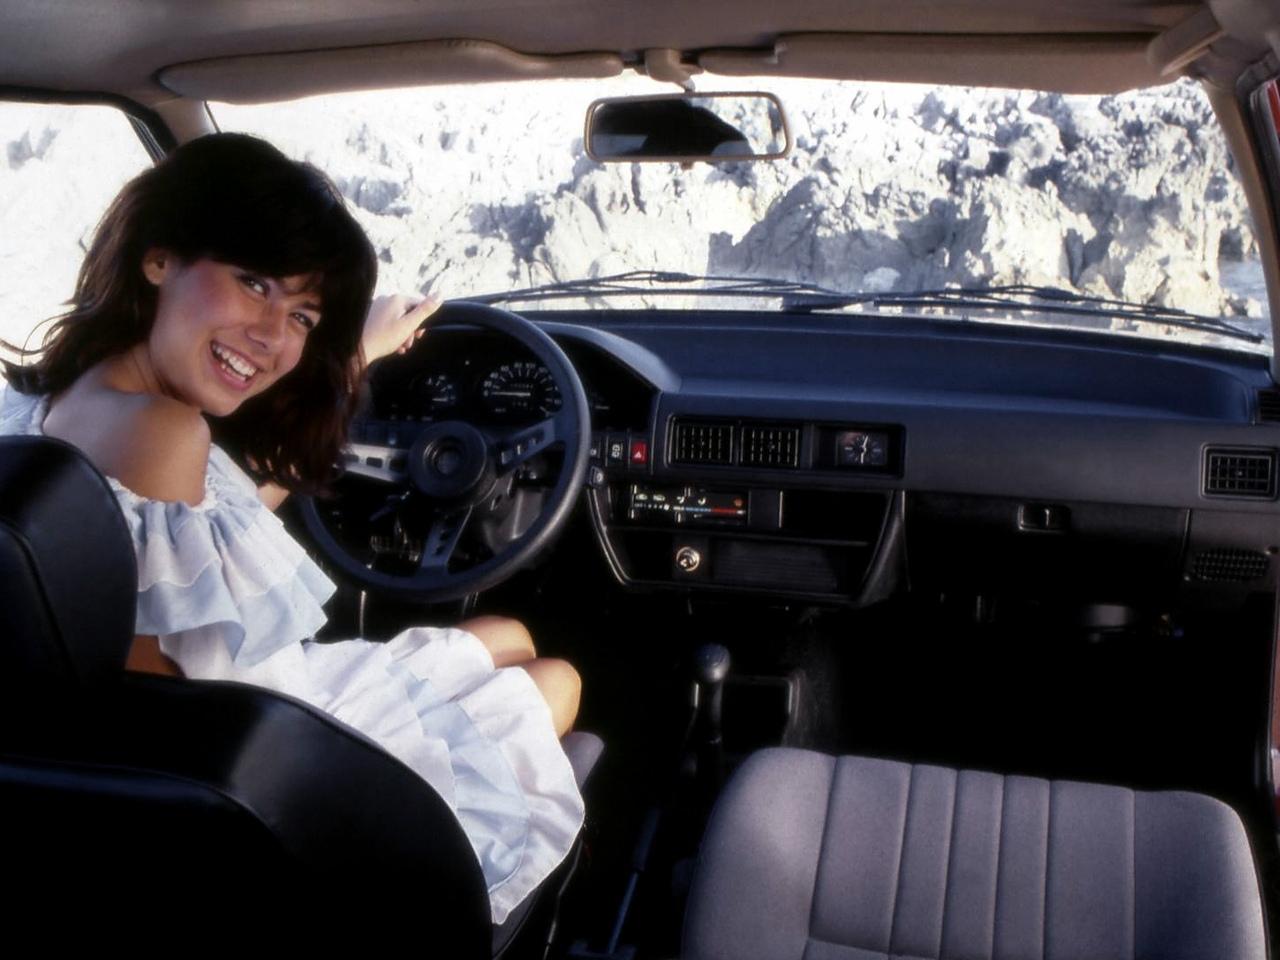 Alfa Romeo Arna SL interior